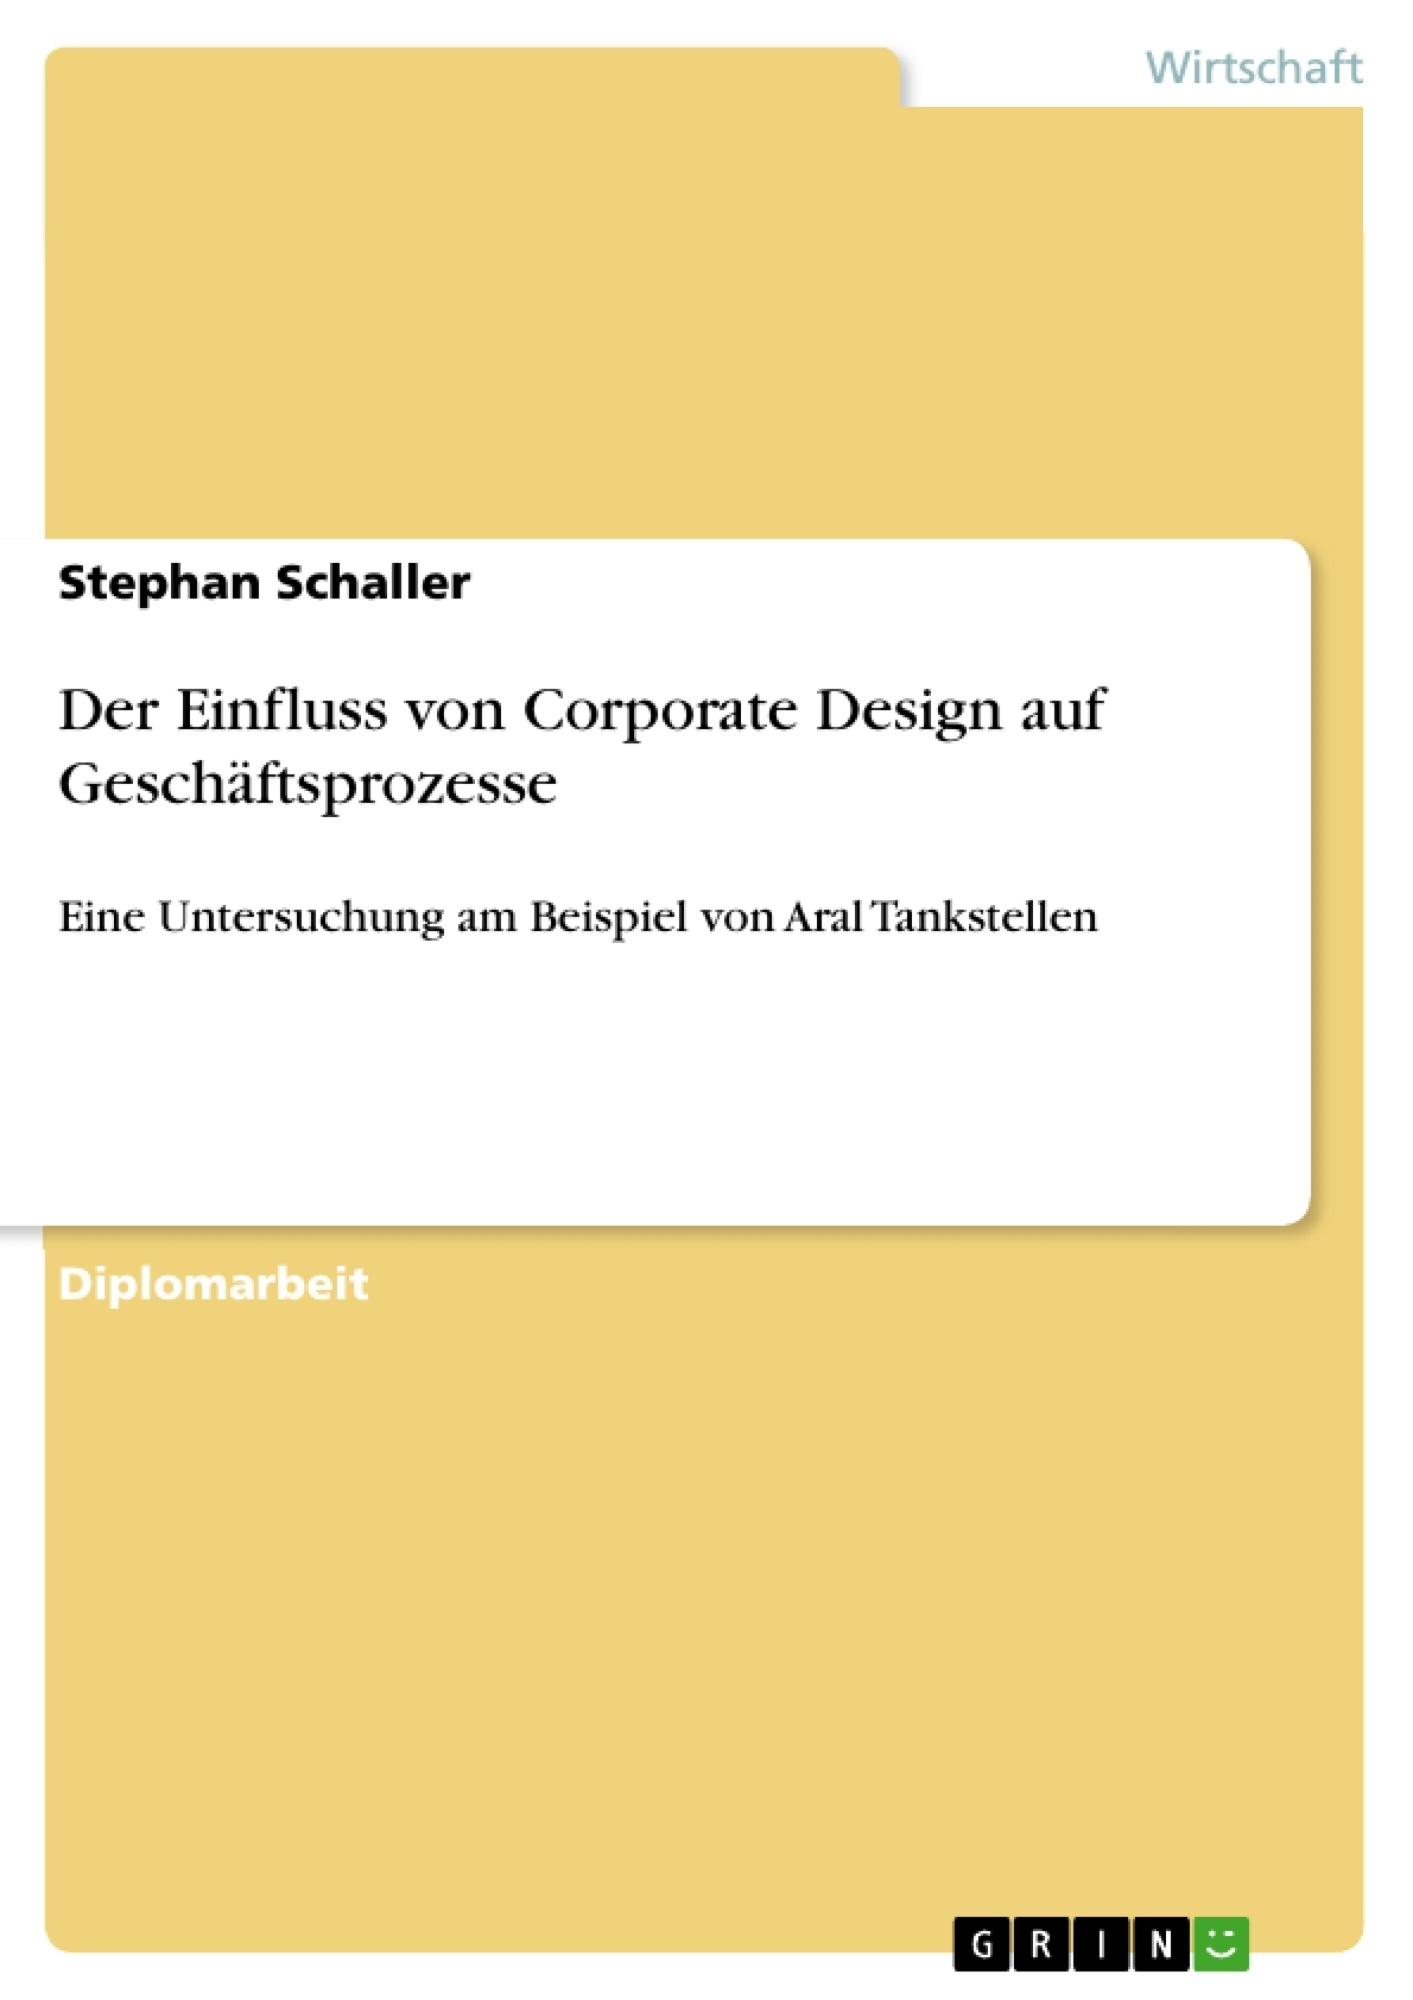 Titel: Der Einfluss von Corporate Design auf Geschäftsprozesse